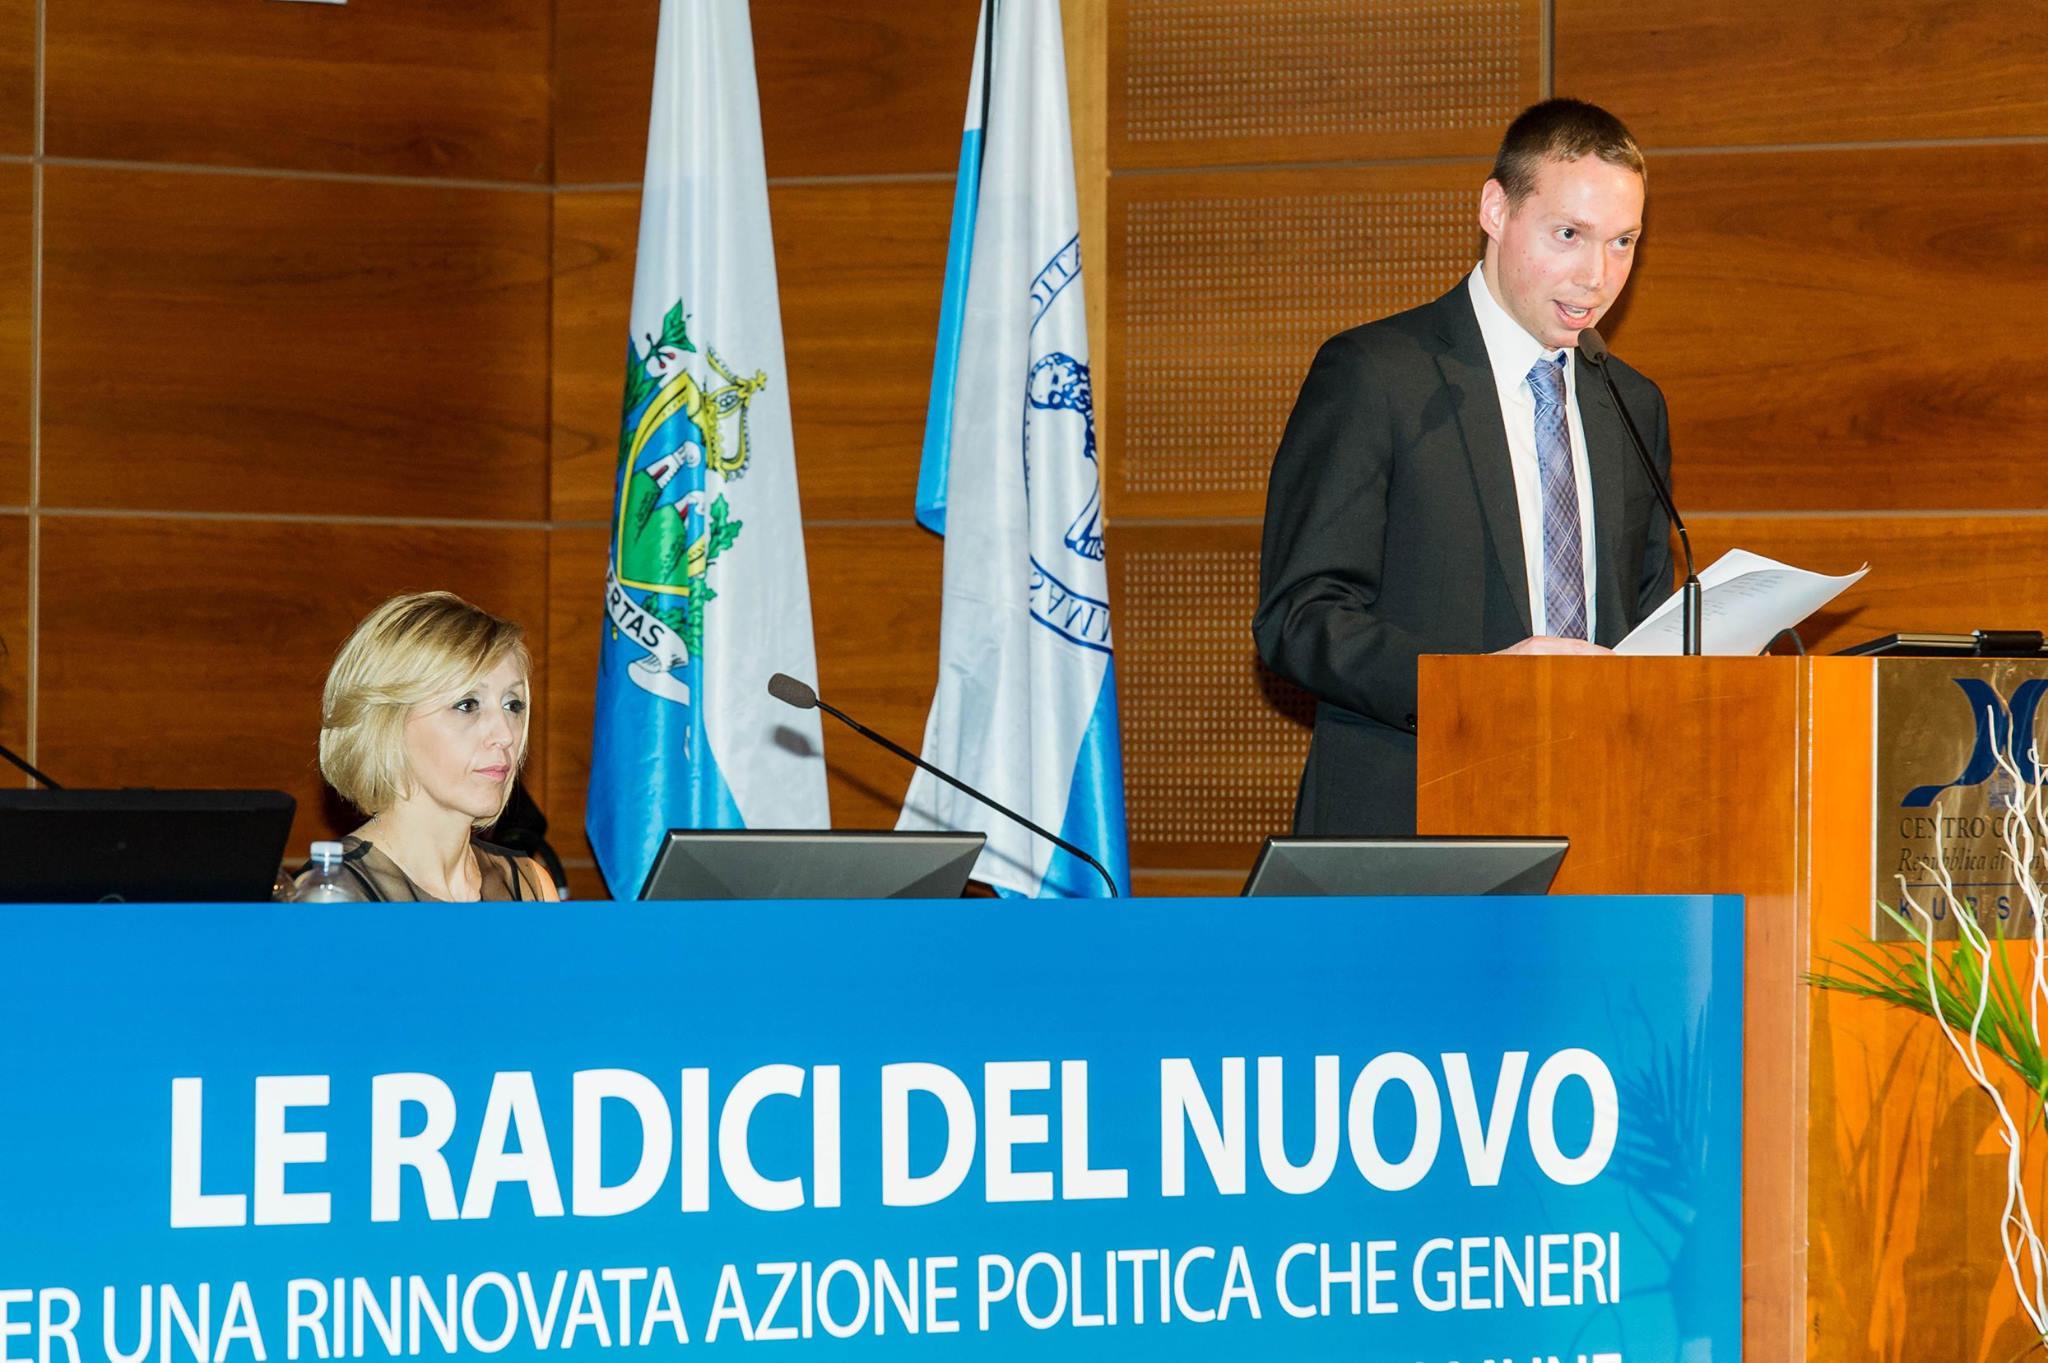 XVI Congresso GDC Intervento del Segretario GDC Mirco Guidi